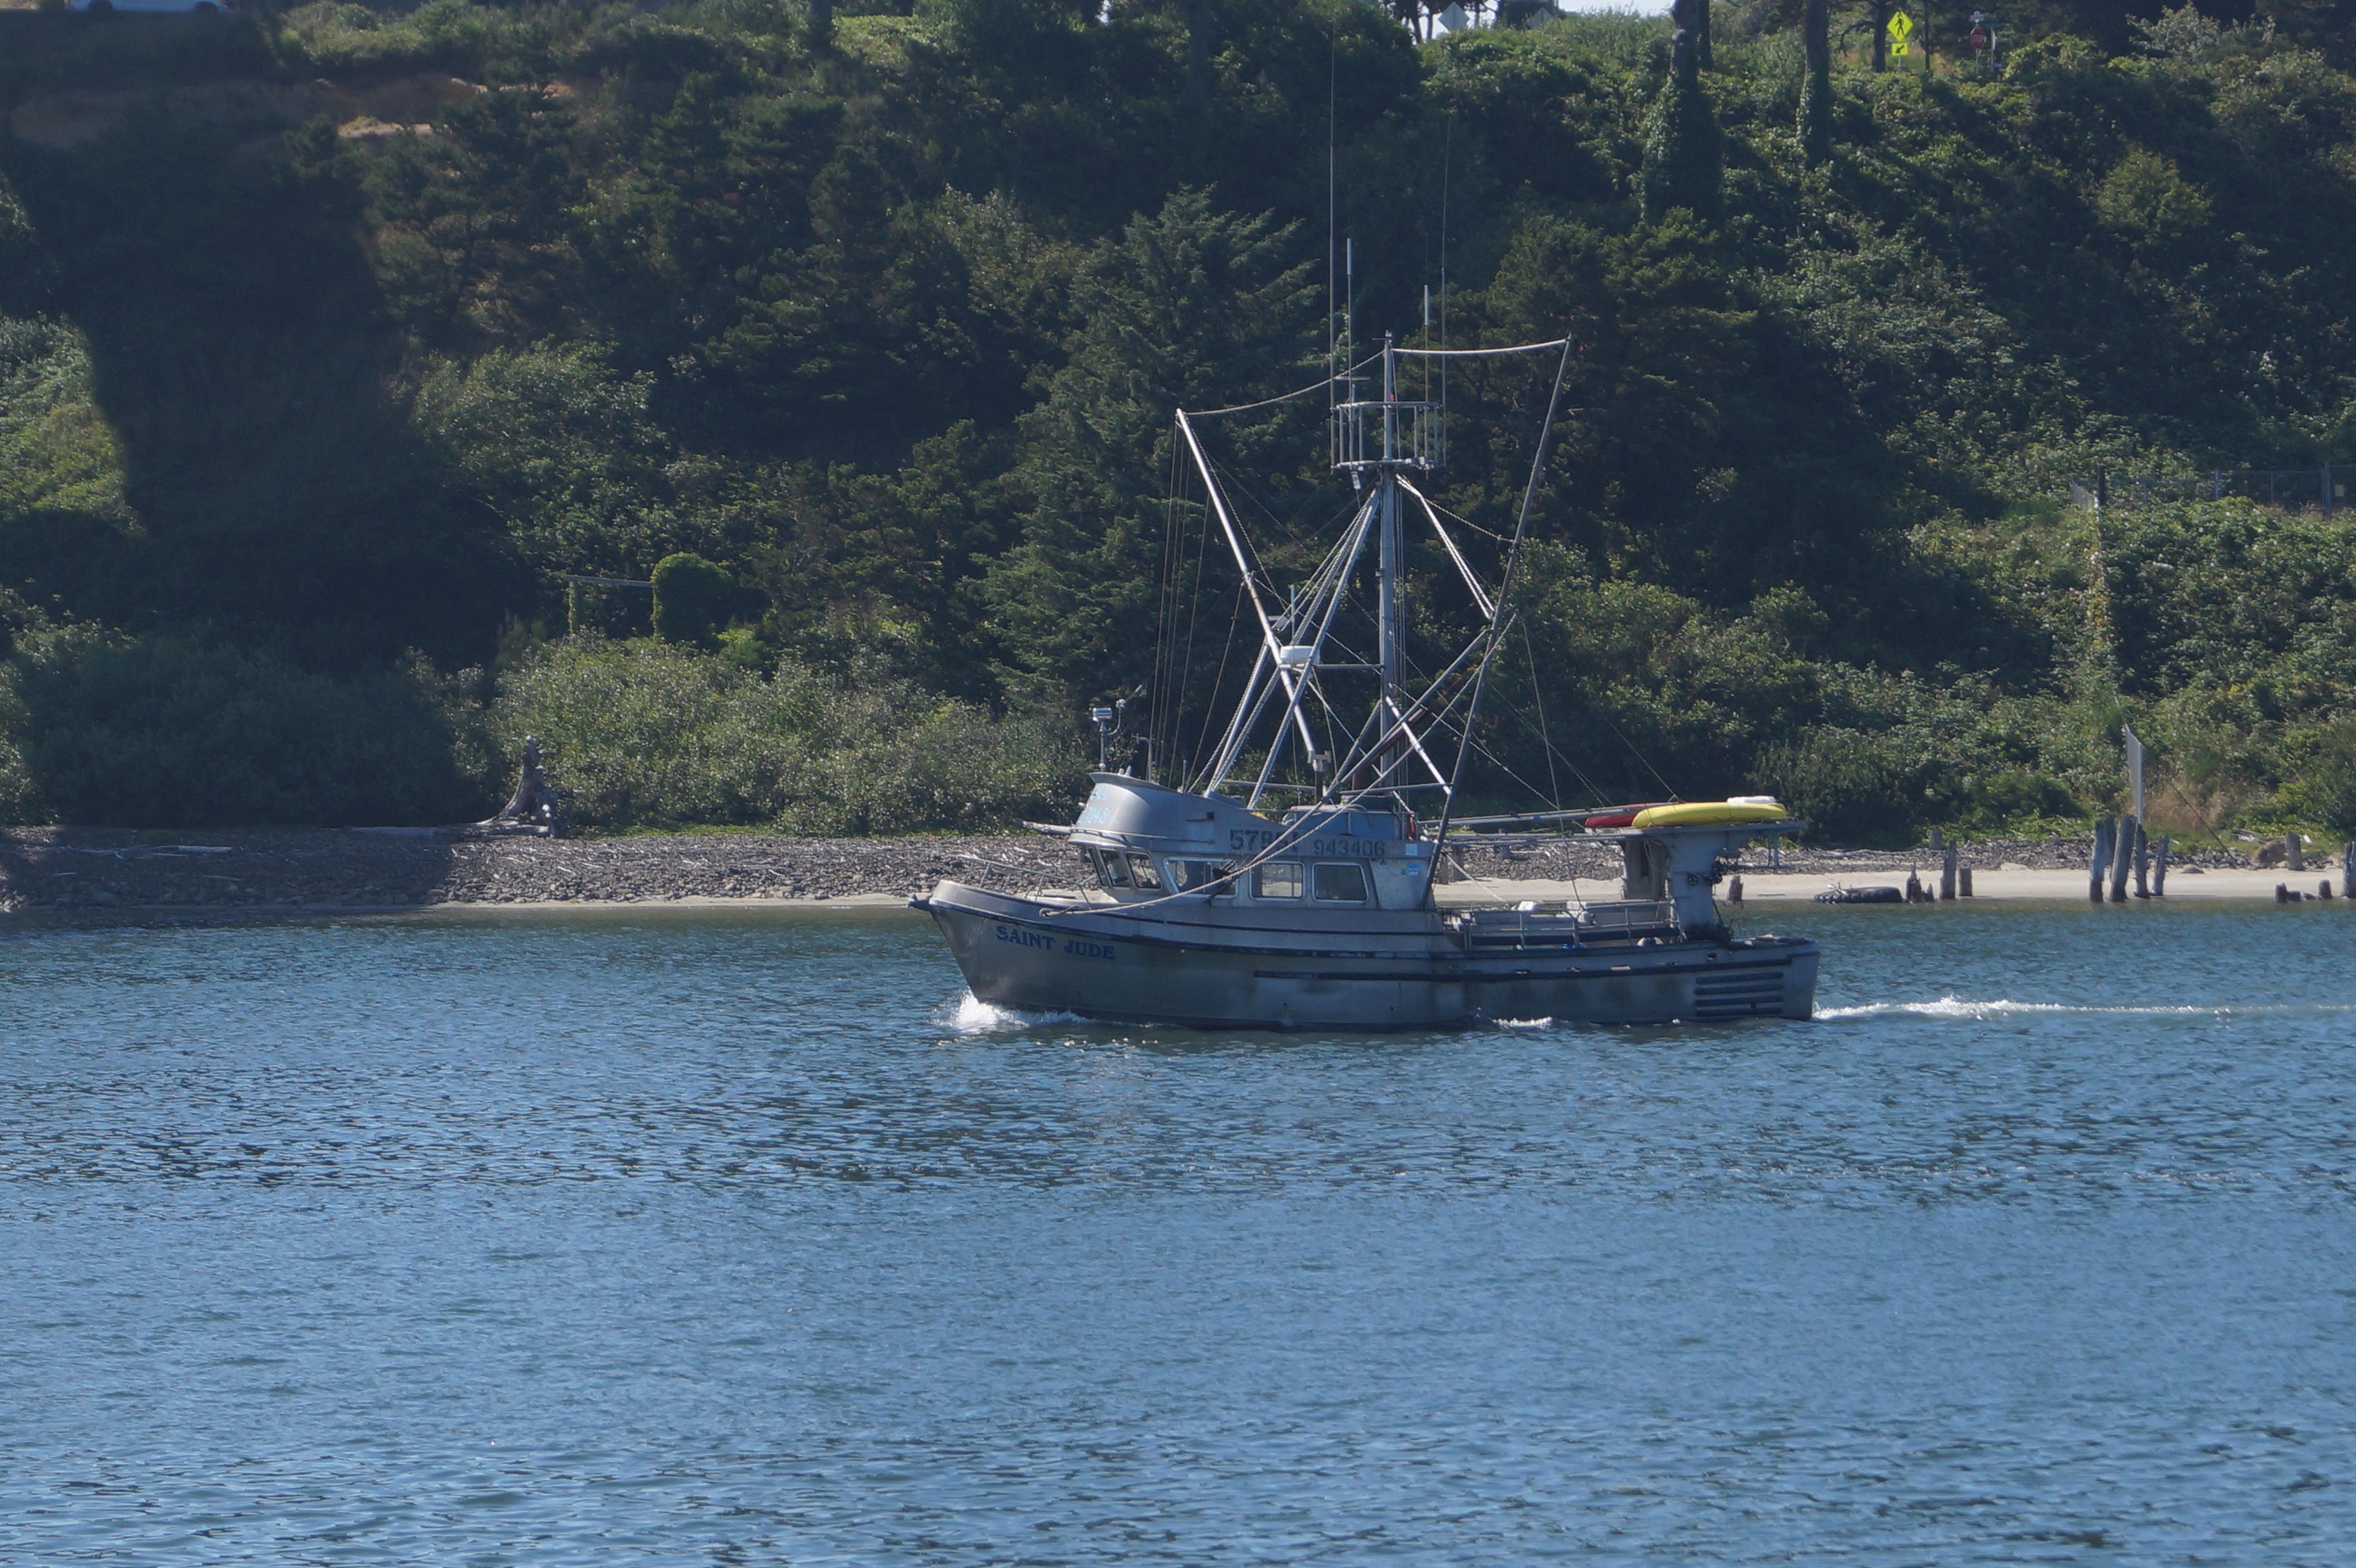 Newport oregon june 2014 mikeandmaureenrv for Newport oregon fishing charters